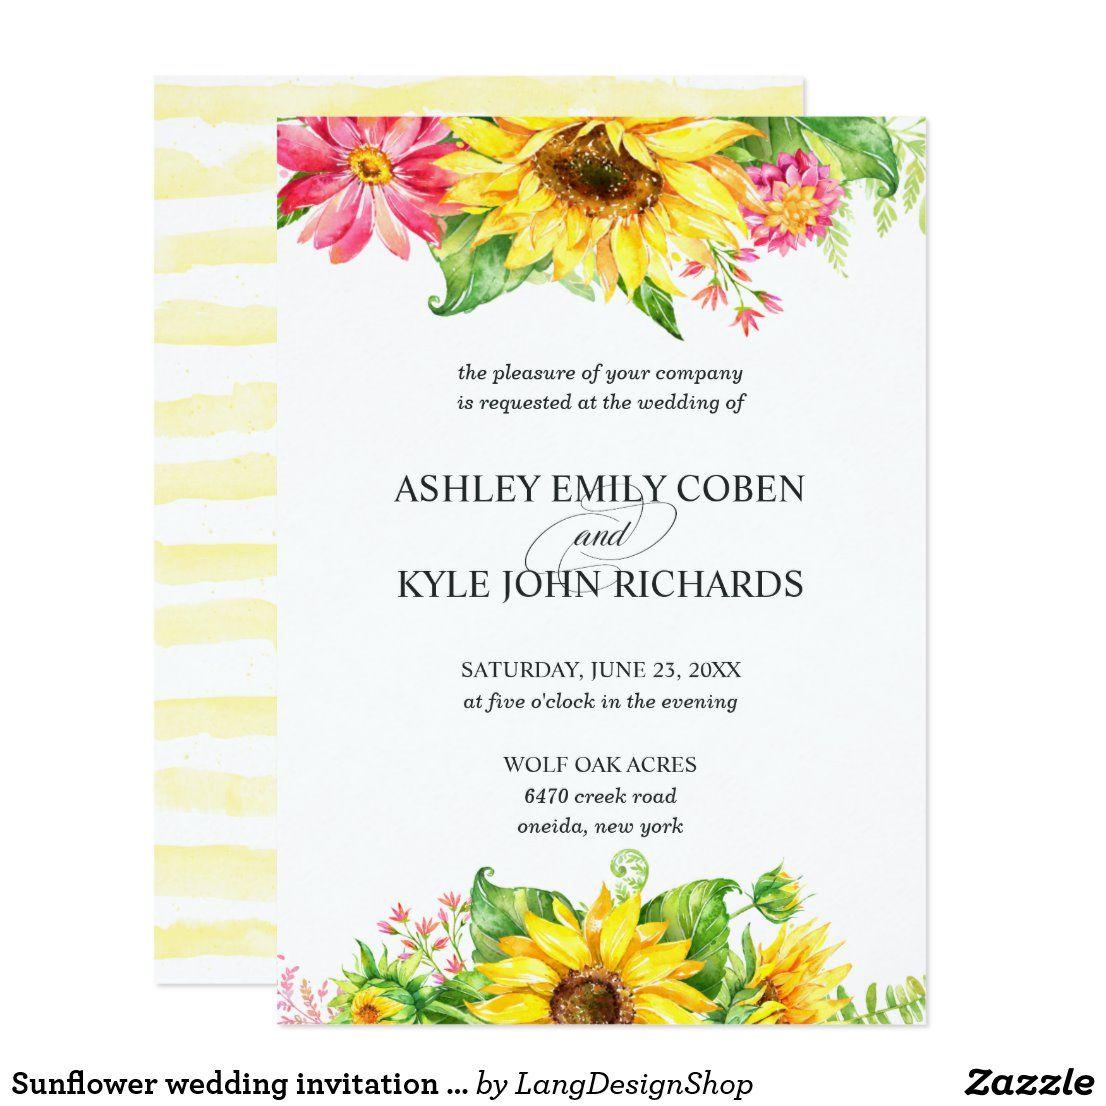 Sunflower wedding invitation on light background Zazzle